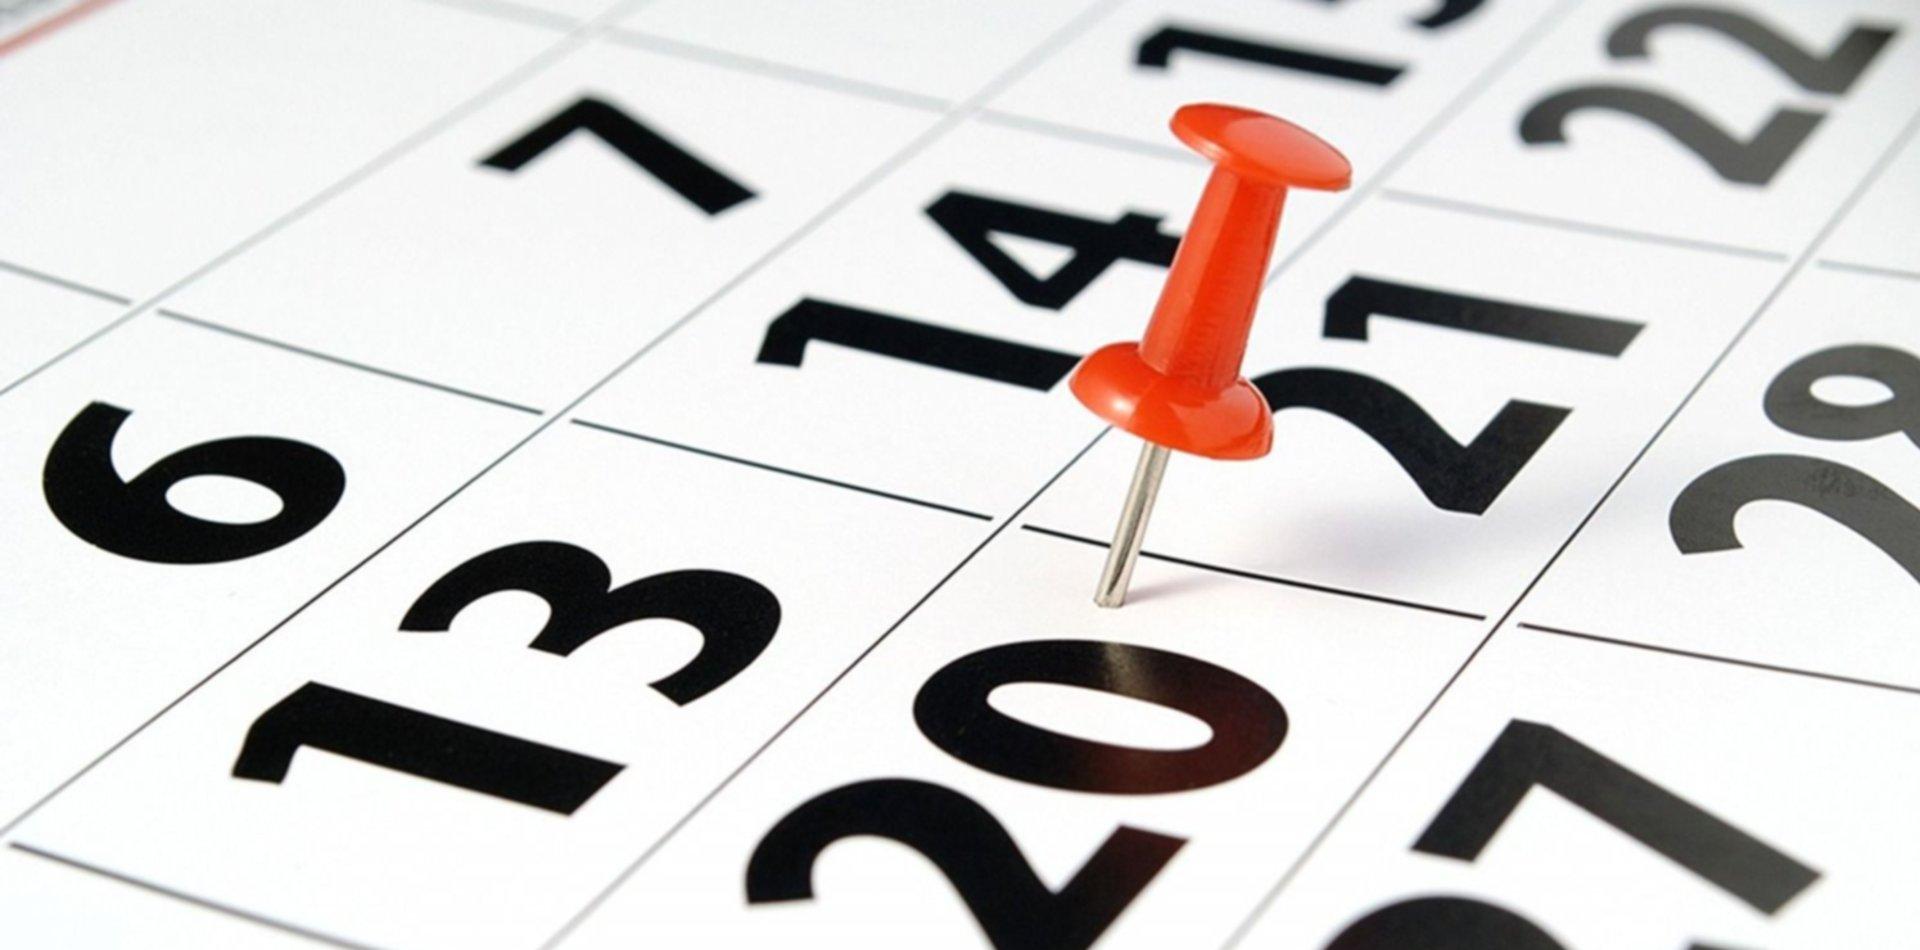 Luego del feriado de Carnaval, ¿cuándo será el próximo fin de semana largo?